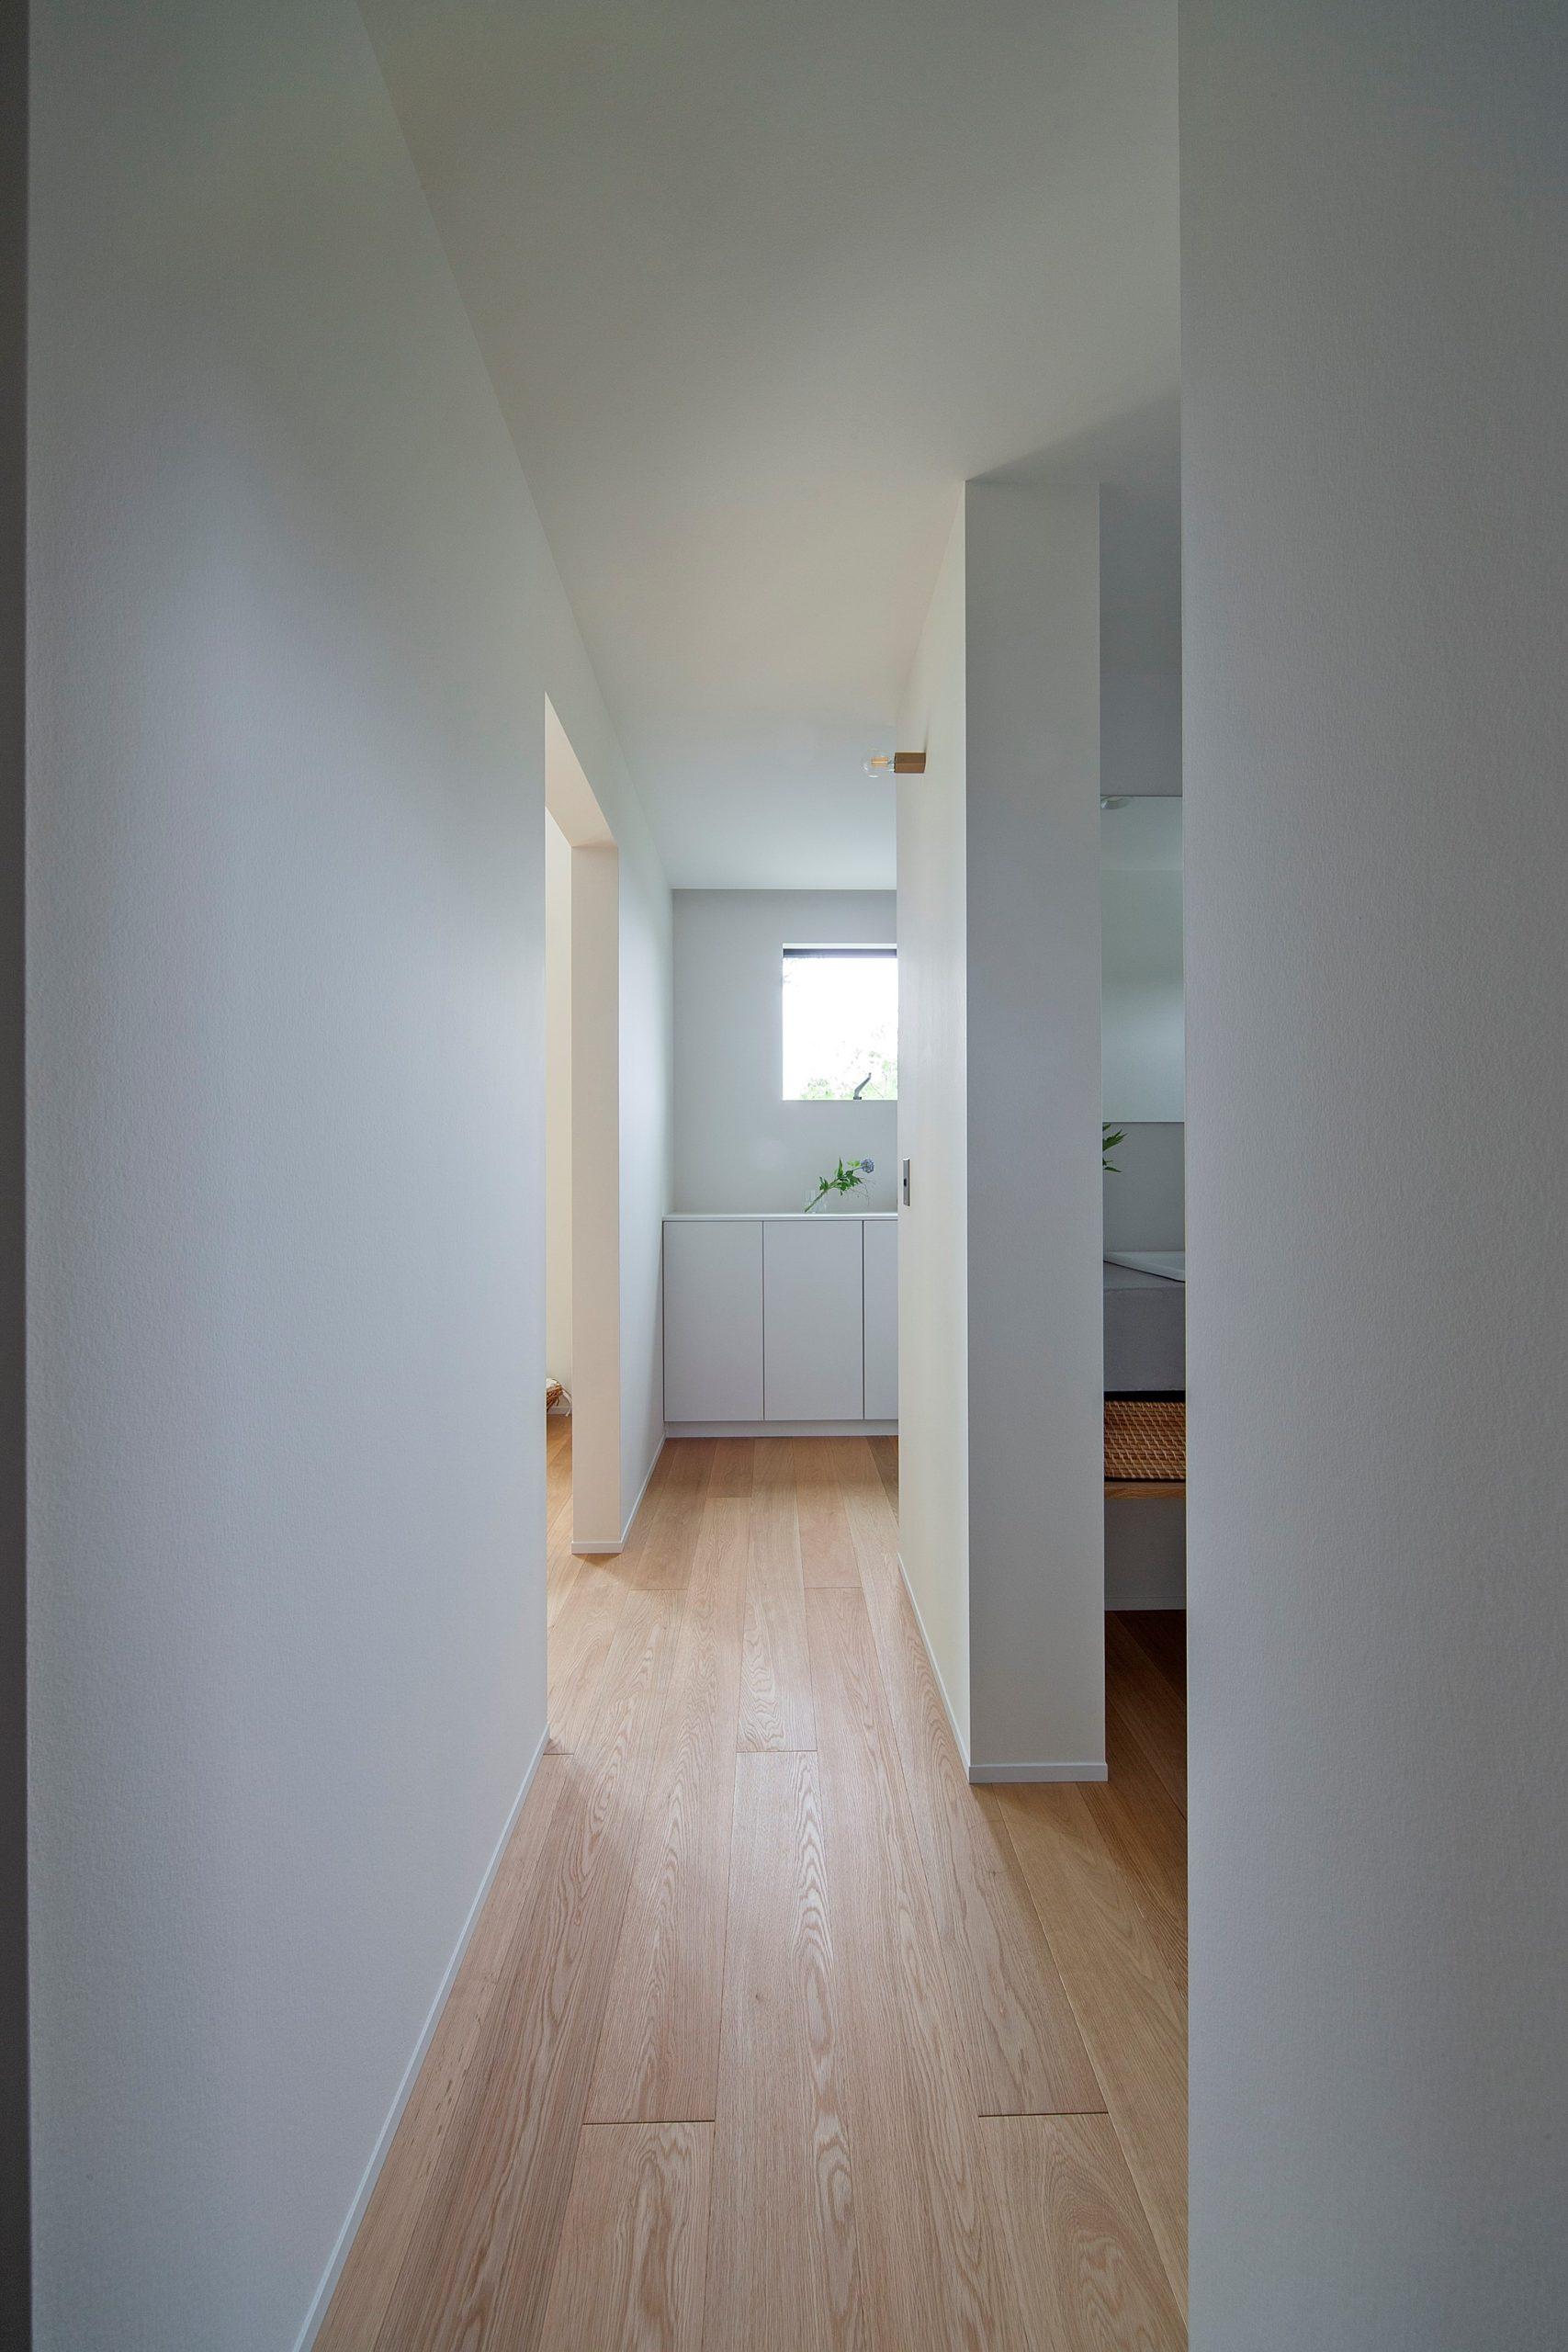 漆喰で仕上げた壁。光を拡散する天然素材の上質な空間をご体感ください。